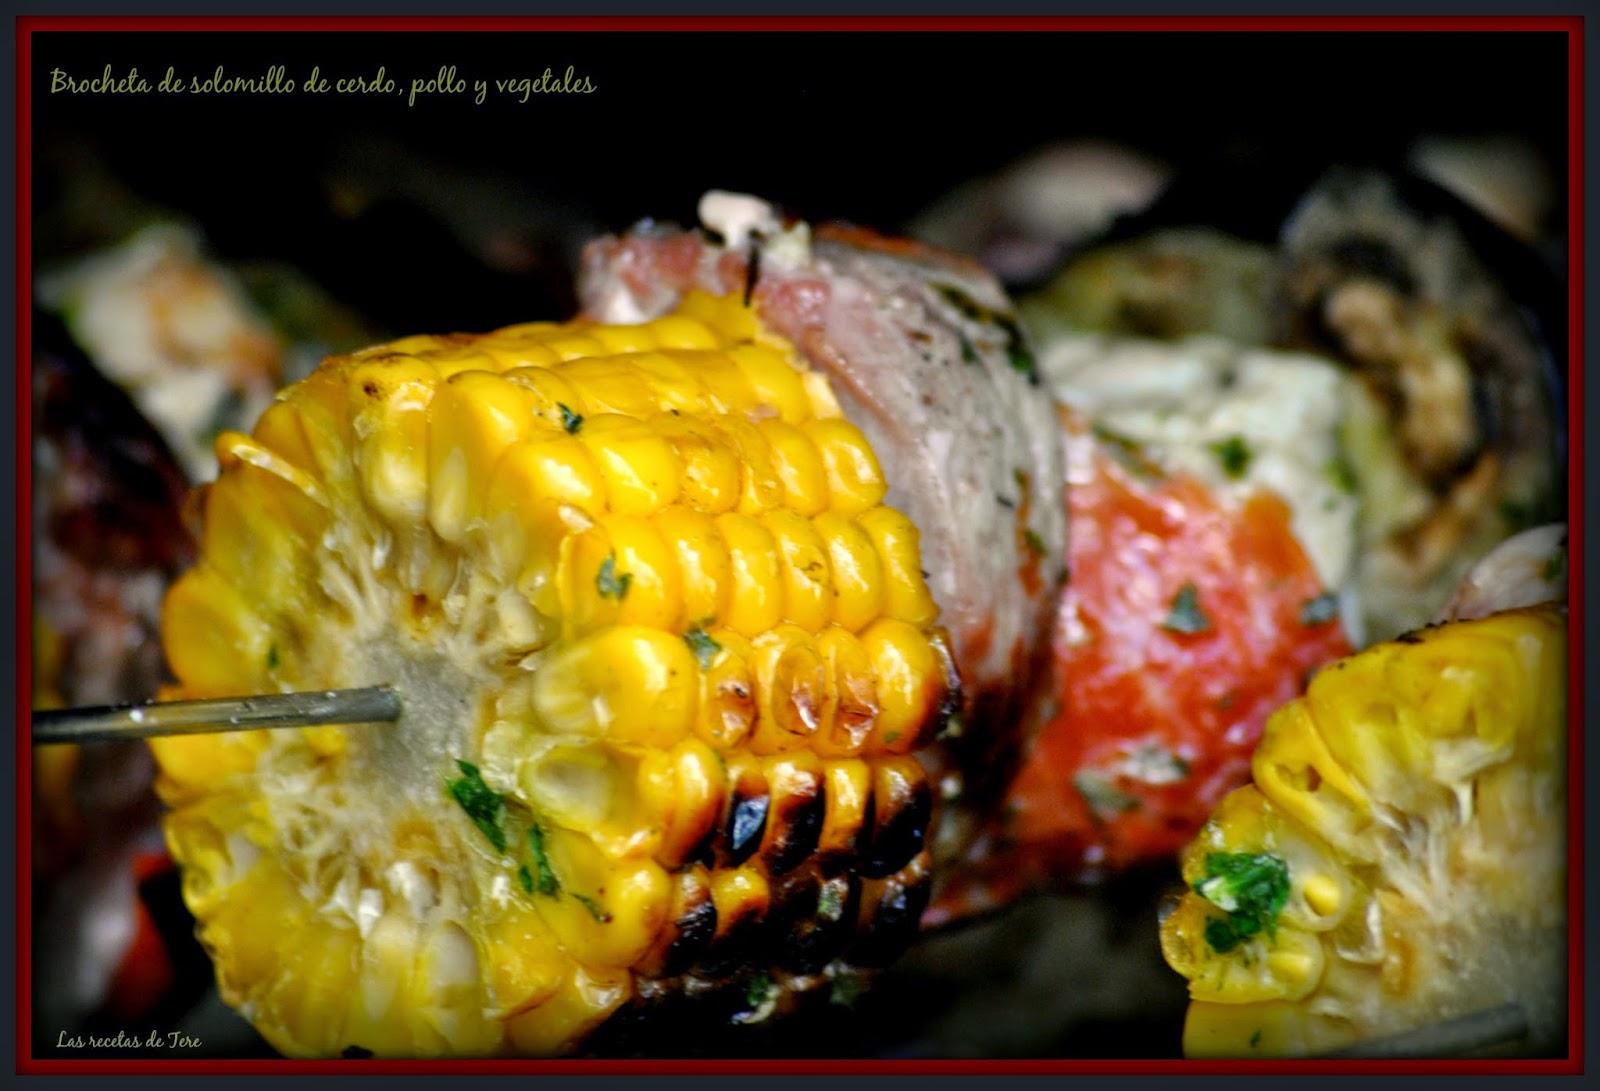 Brocheta de solomillo de cerdo, pollo y vegetales 04